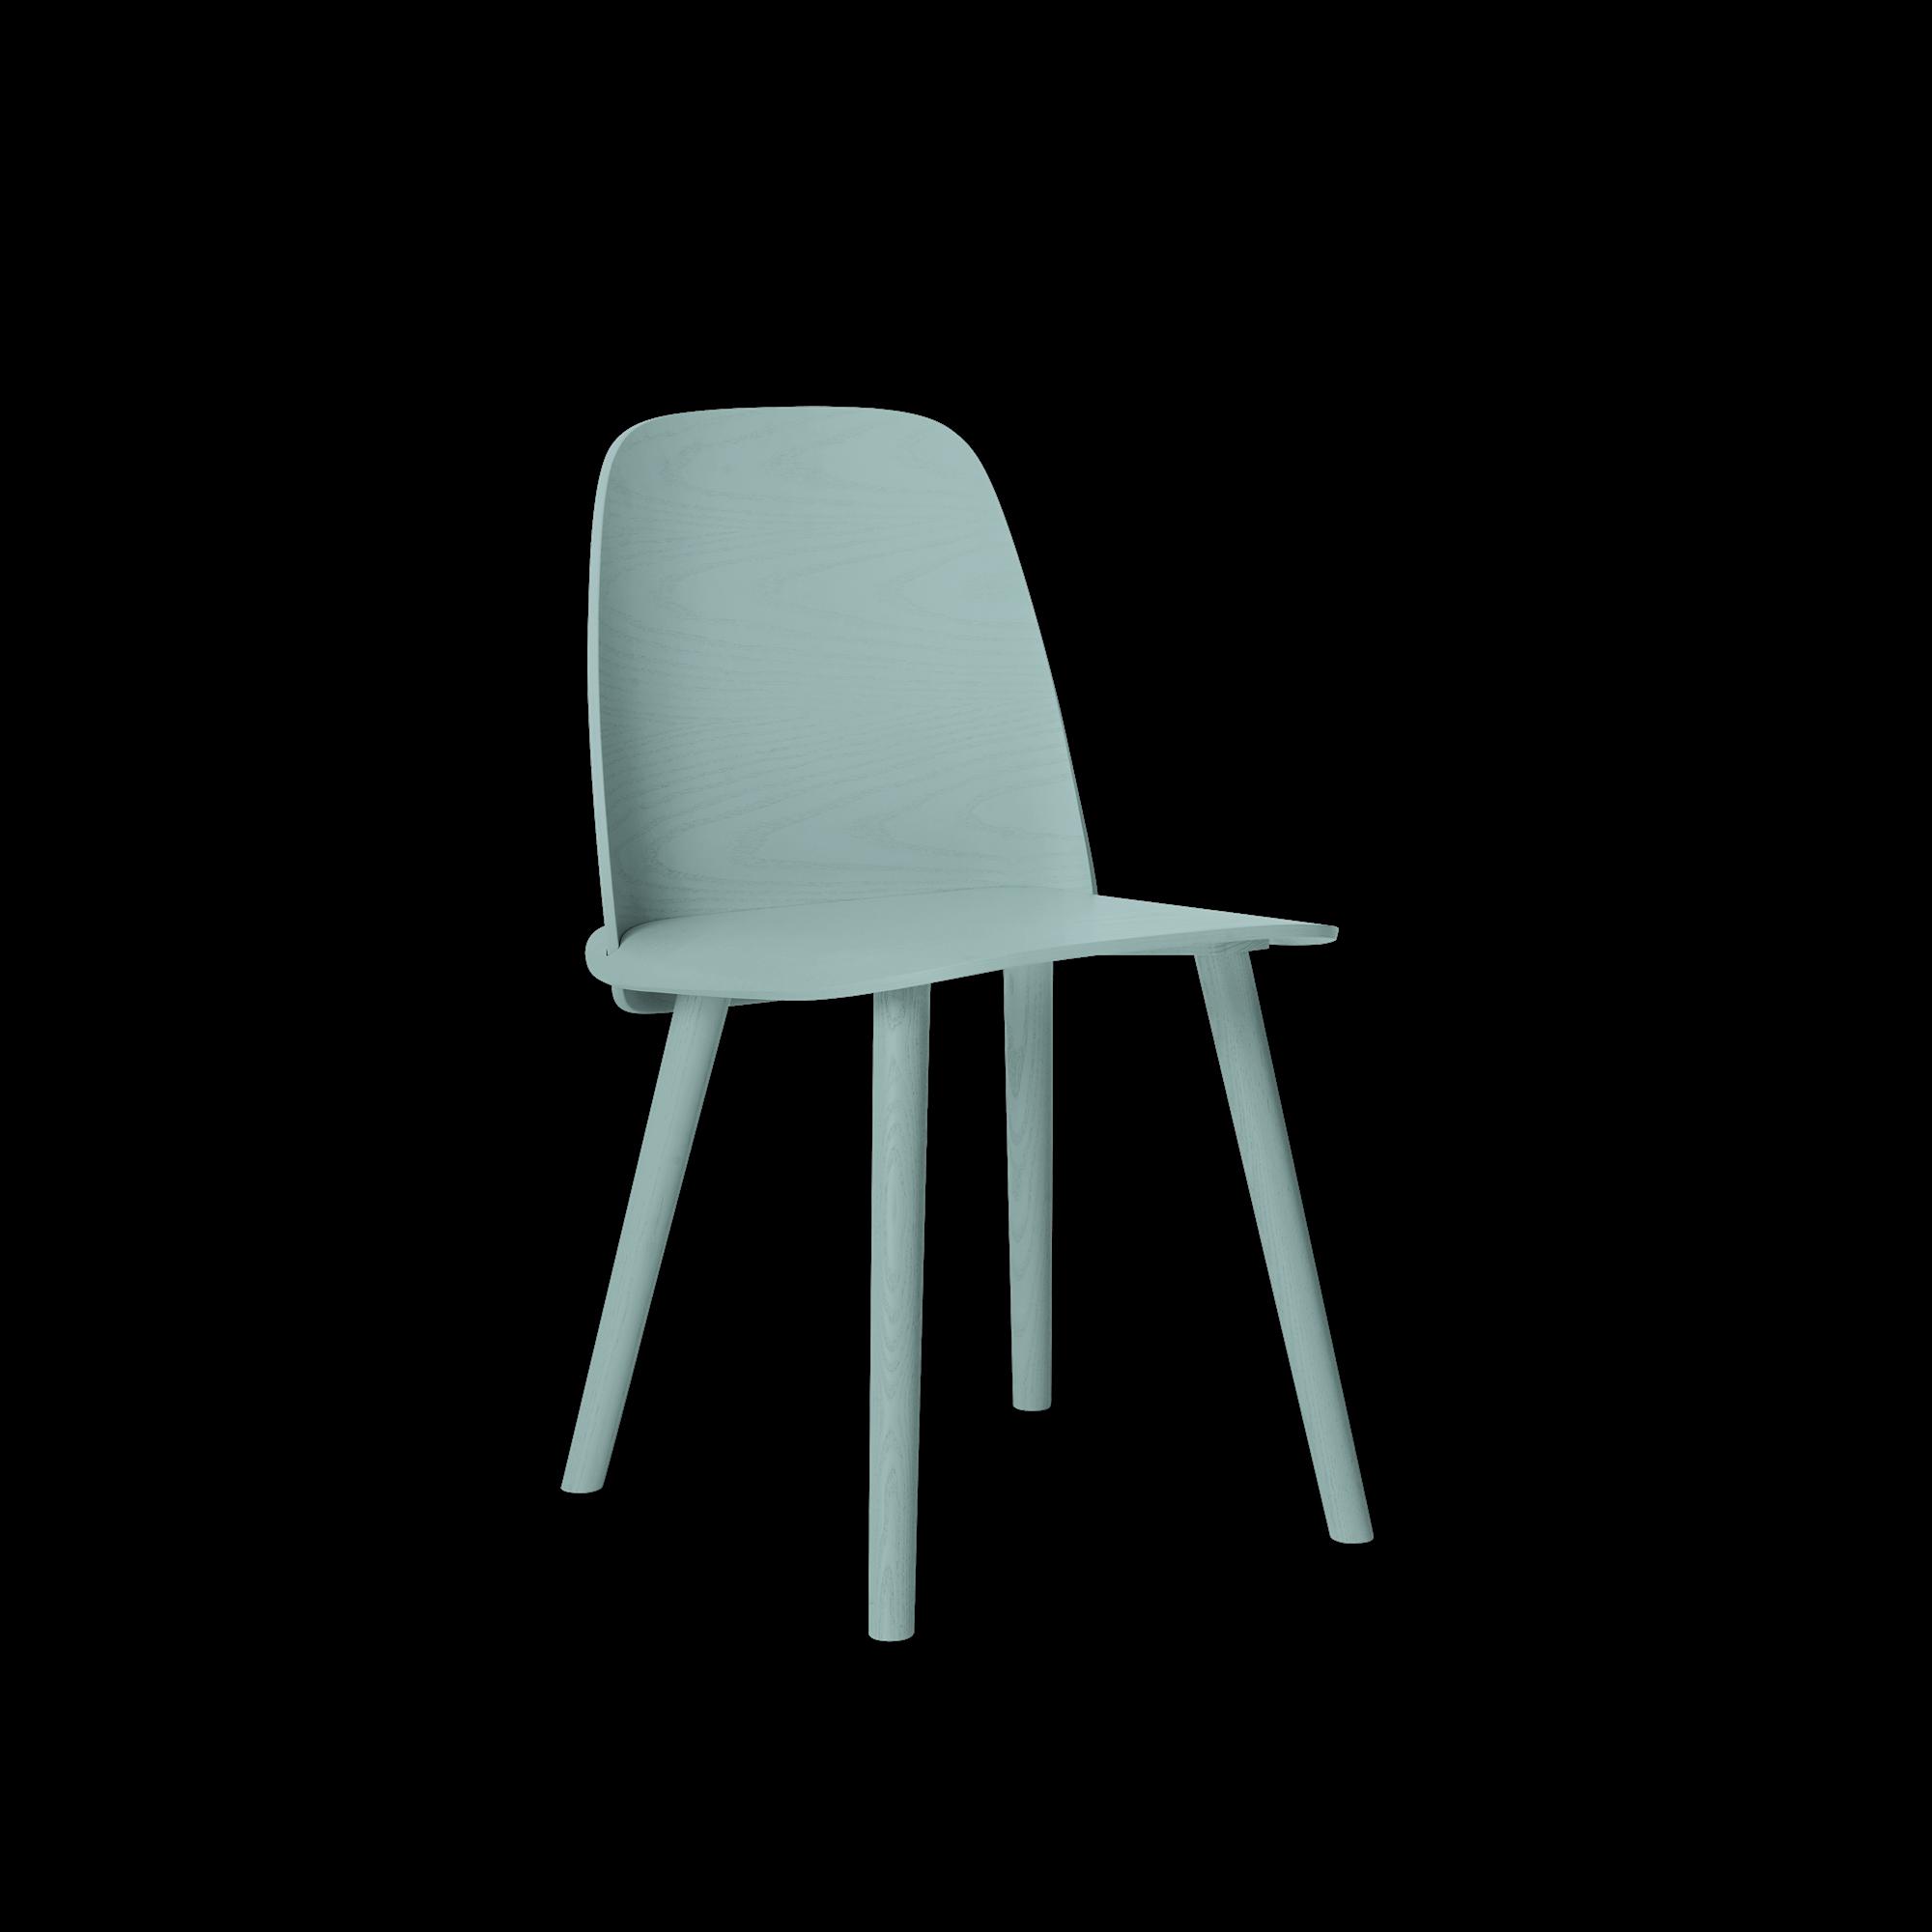 21407-nerd-chair-petroleum-1503325196-7224640.png